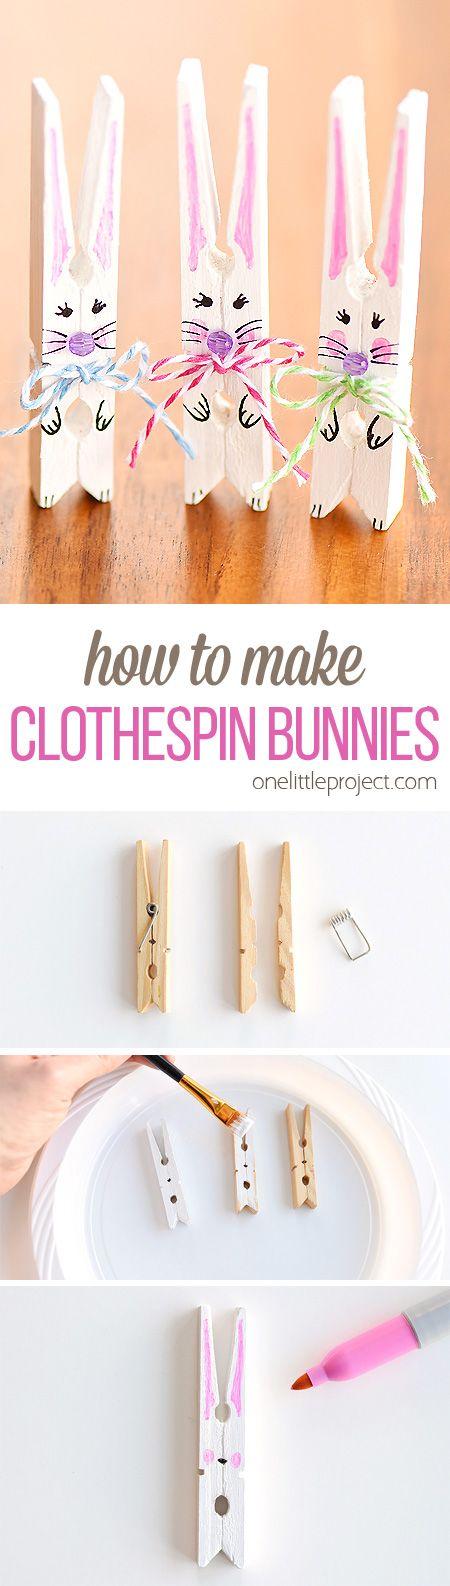 DIY Clothespin Bunnies.